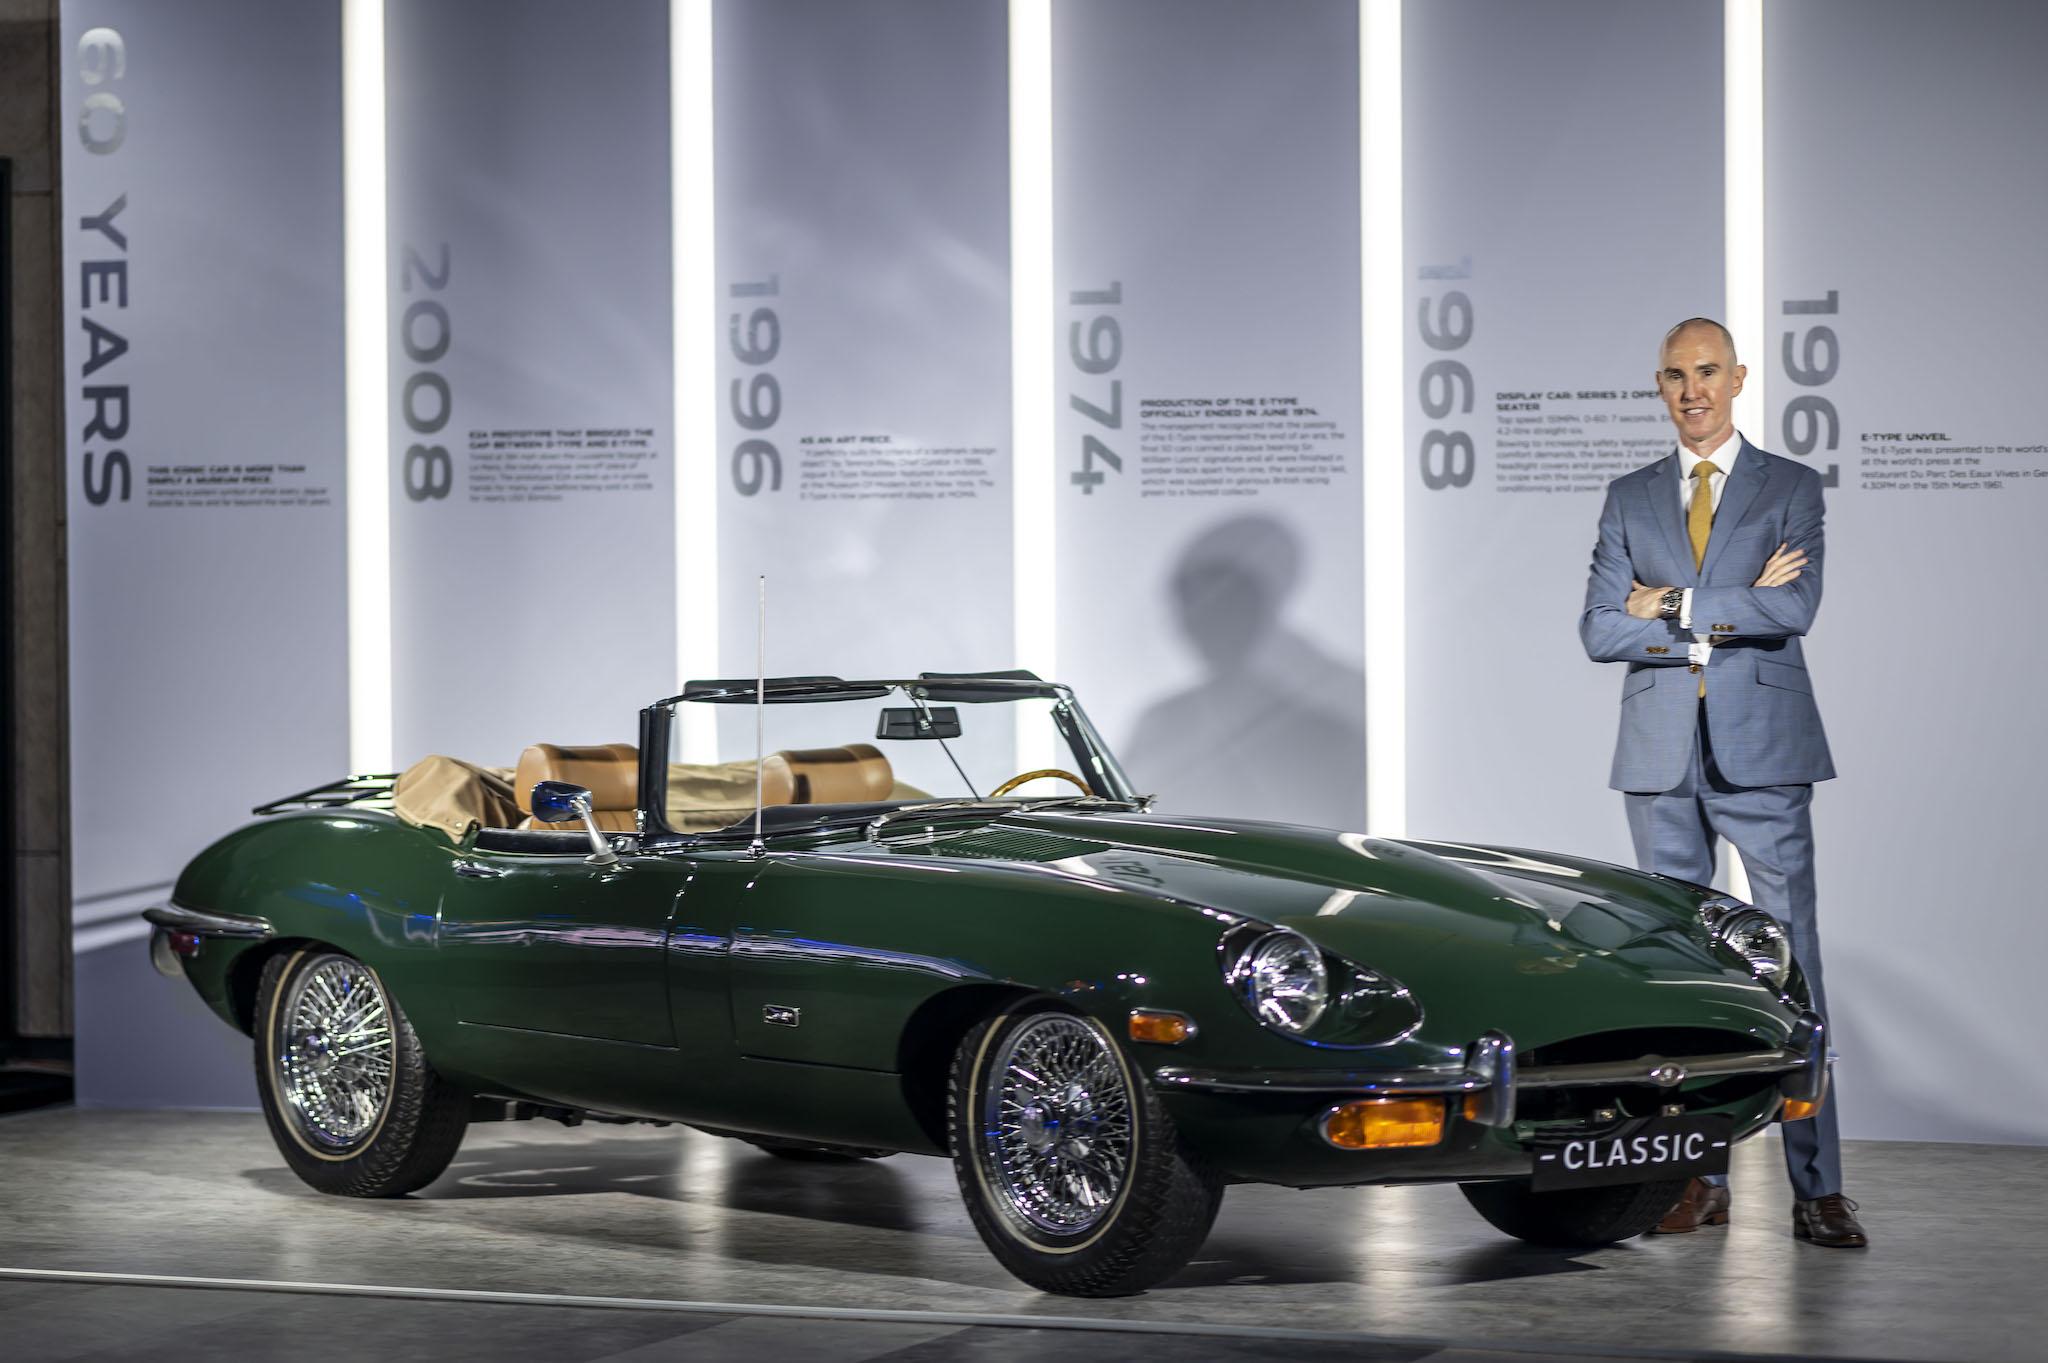 今日 Jaguar F-Type 發表會現場,也同步展示被譽為世界上最美跑車 E-Type。